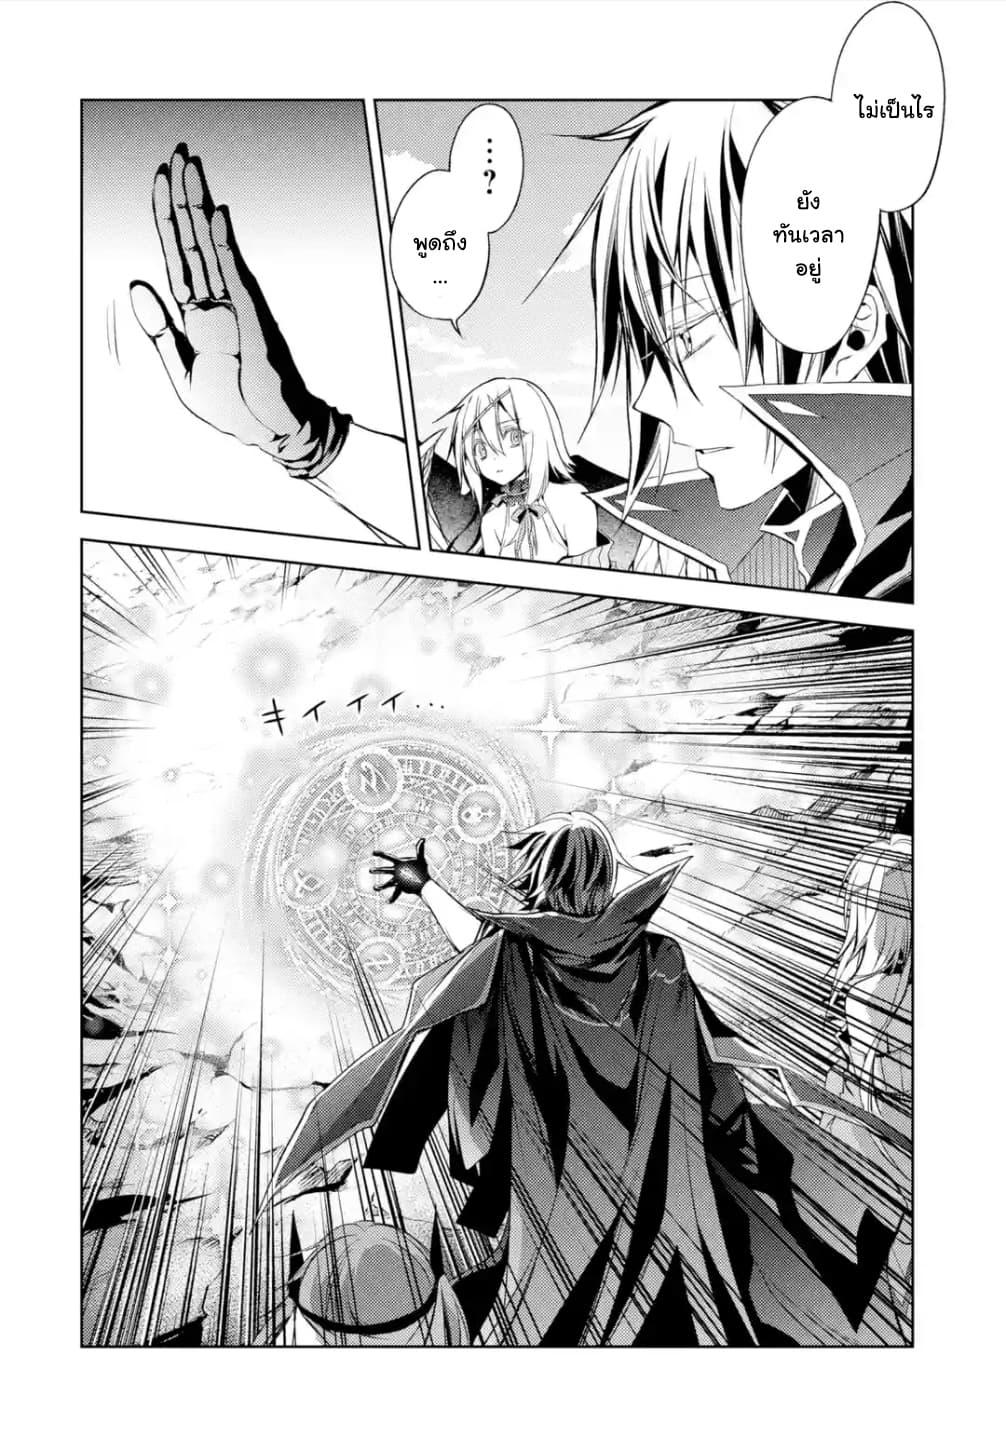 อ่านการ์ตูน Senmetsumadou no Saikyokenja ตอนที่ 4.2 หน้าที่ 15